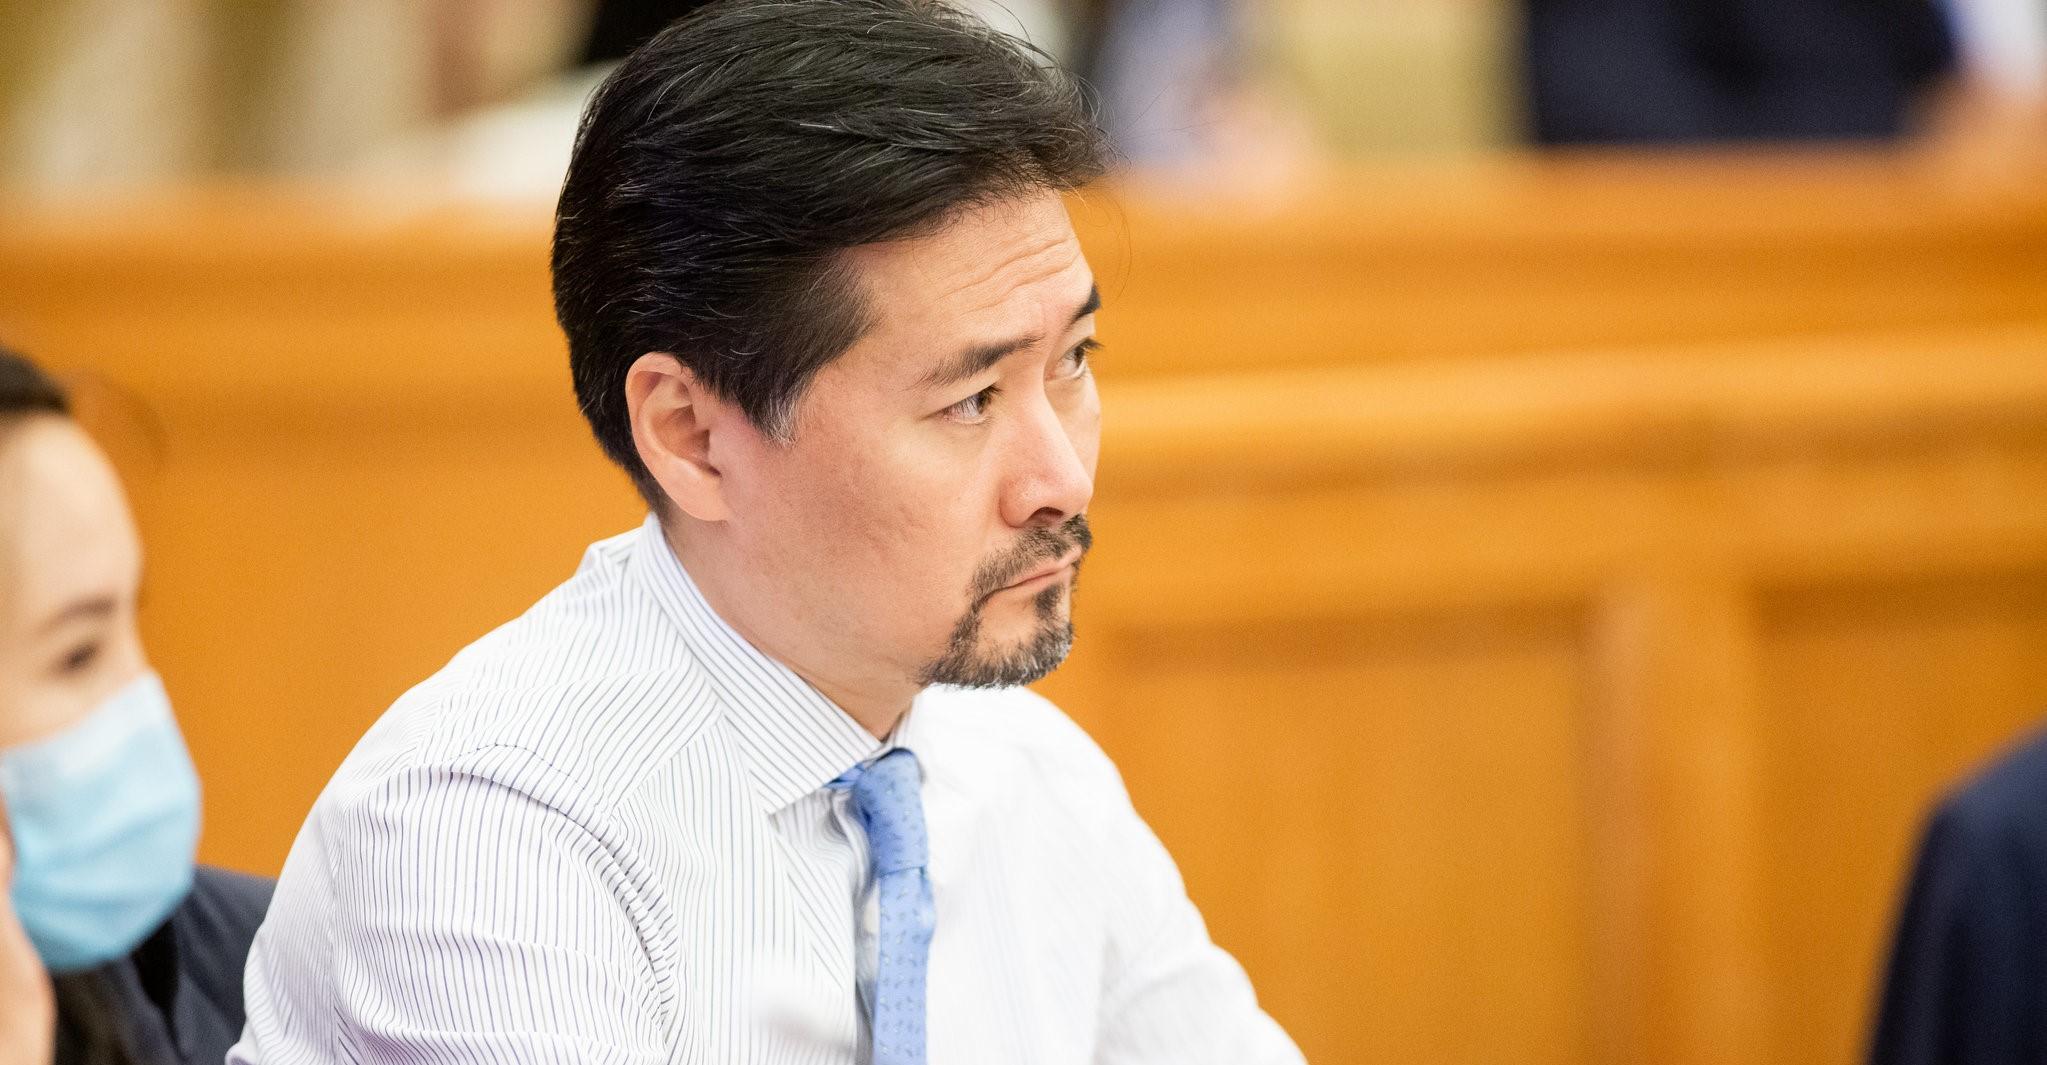 Г.Амартүвшин: Хөгжлийн банкинд бүтцийн өөрчлөлт оруулж, Солонгосын Эксим банкны жишгээр явах юм билээ